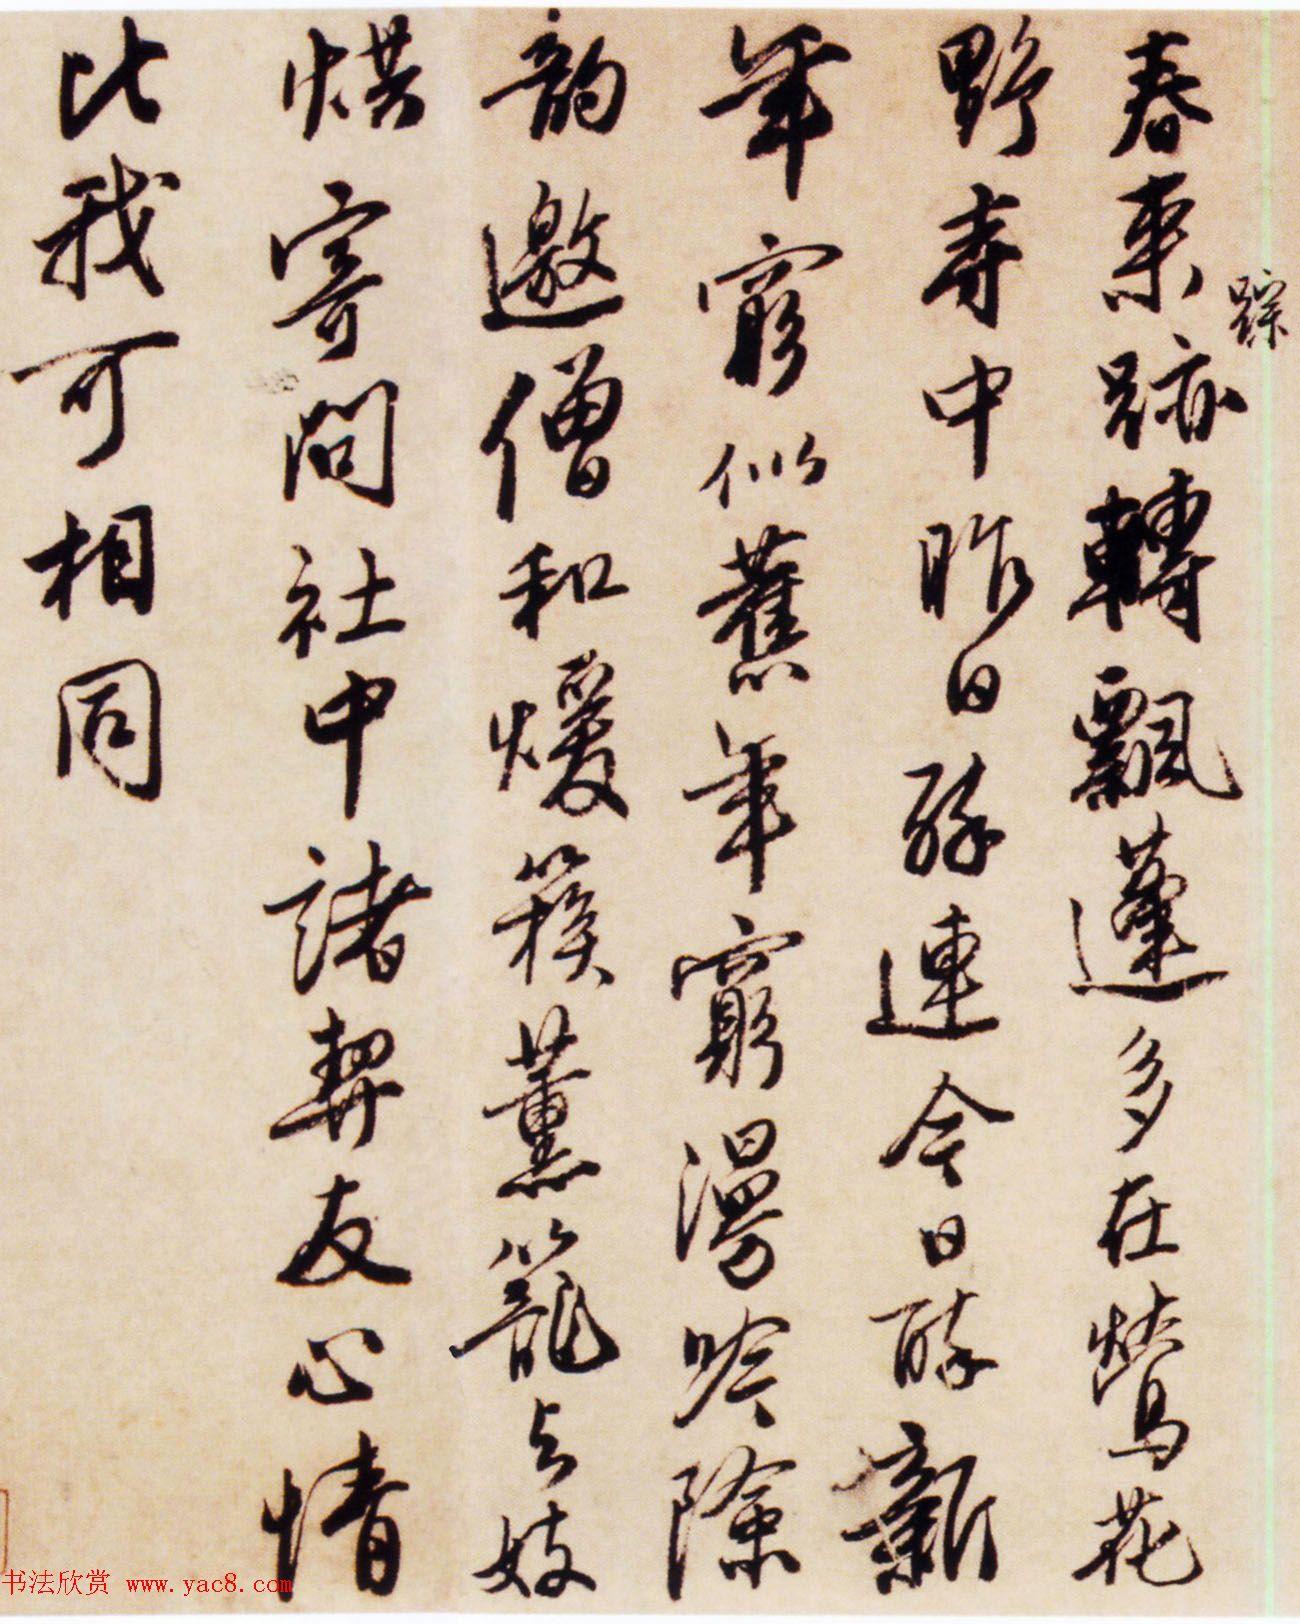 明代唐寅行书欣赏《赠西洲诗卷》